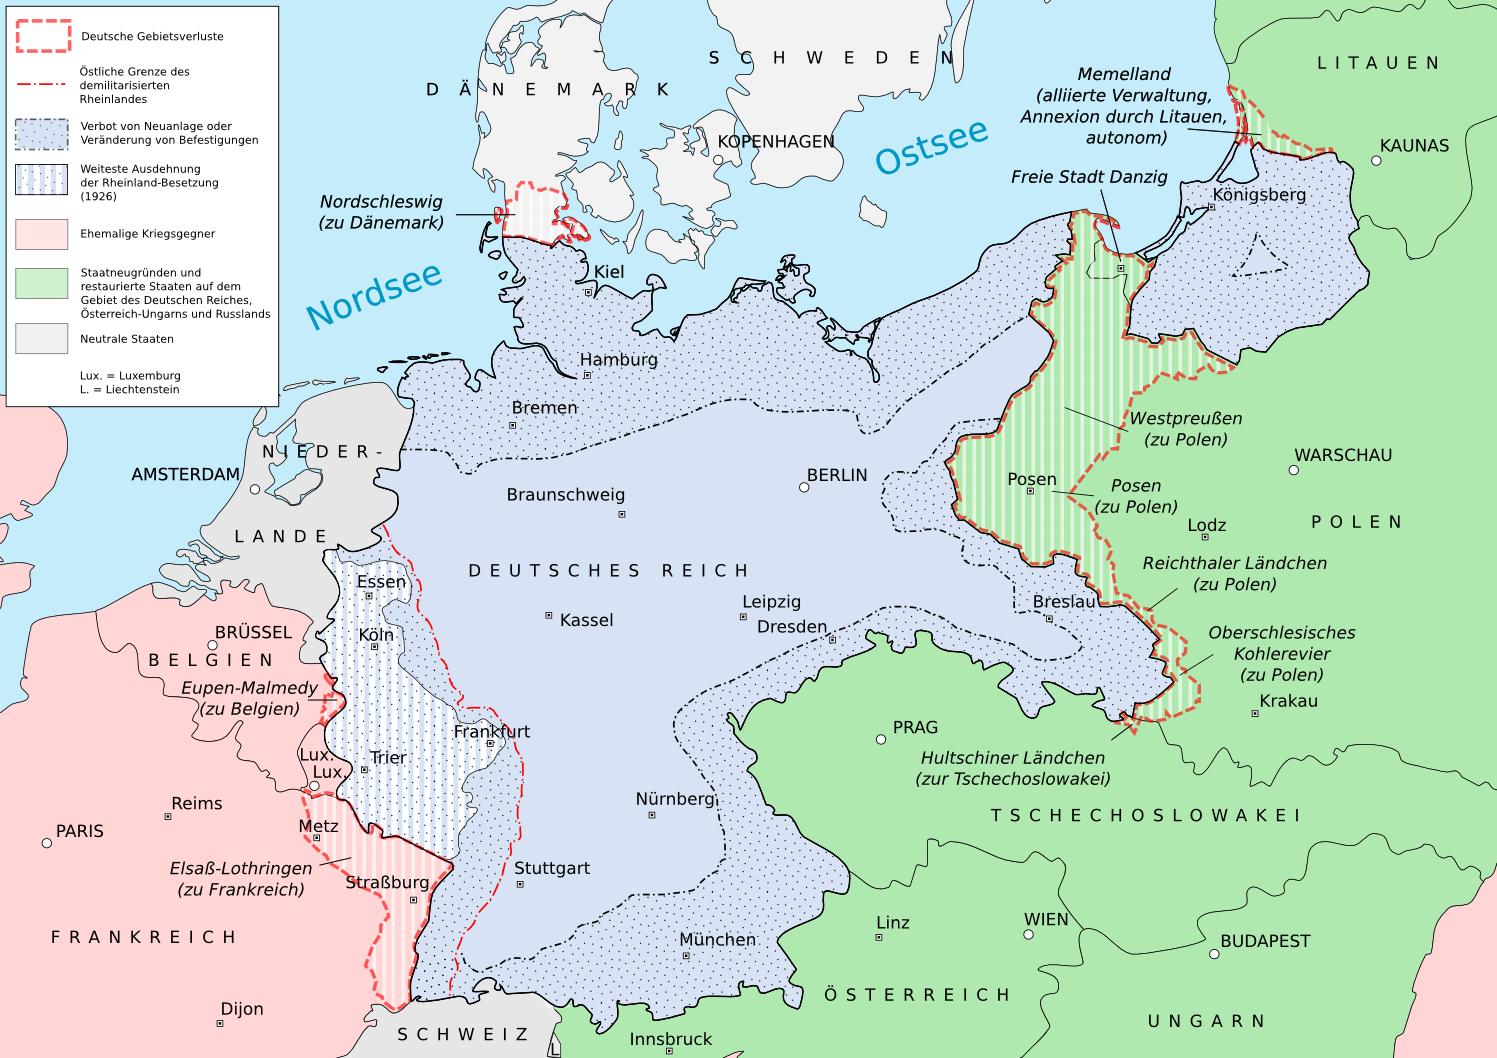 Entfernungsmesser Für Wanderkarten : Entfernungsmesser für wanderkarten: land und wanderkarten